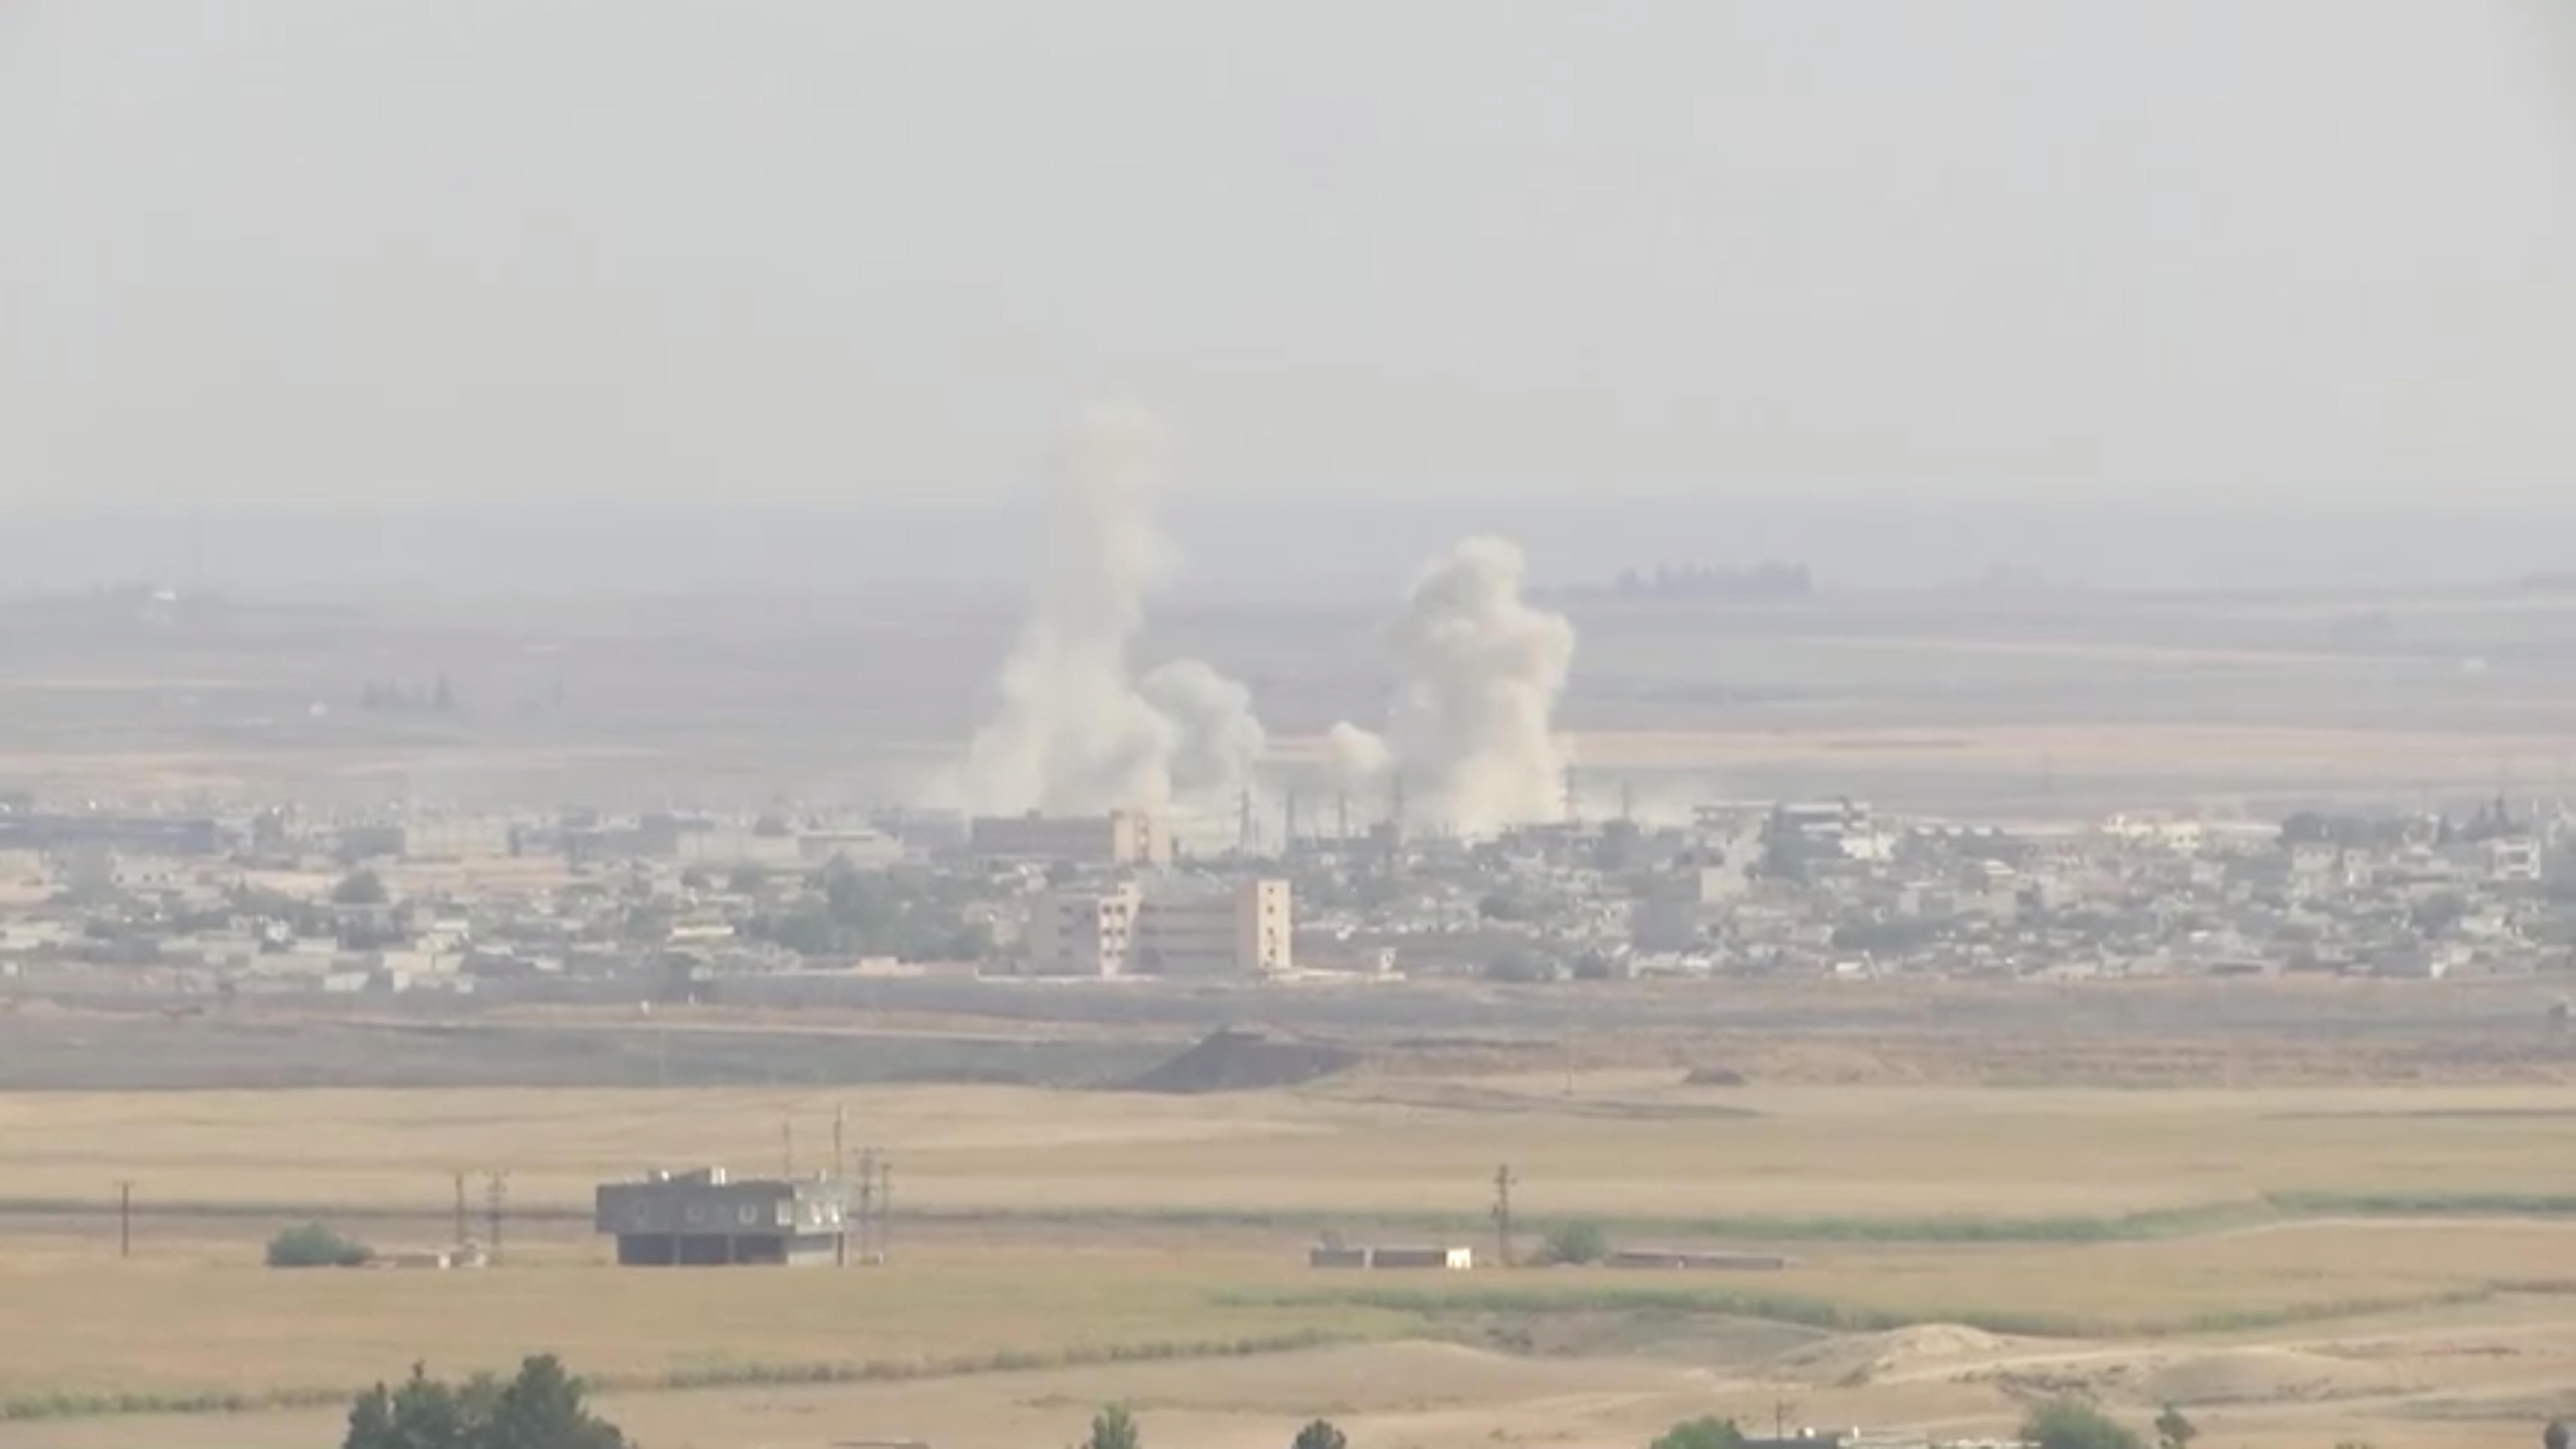 Συρία: 100.000 άνθρωποι έχουν εγκαταλείψει τα σπίτια τους μετά την τουρκική εισβολή